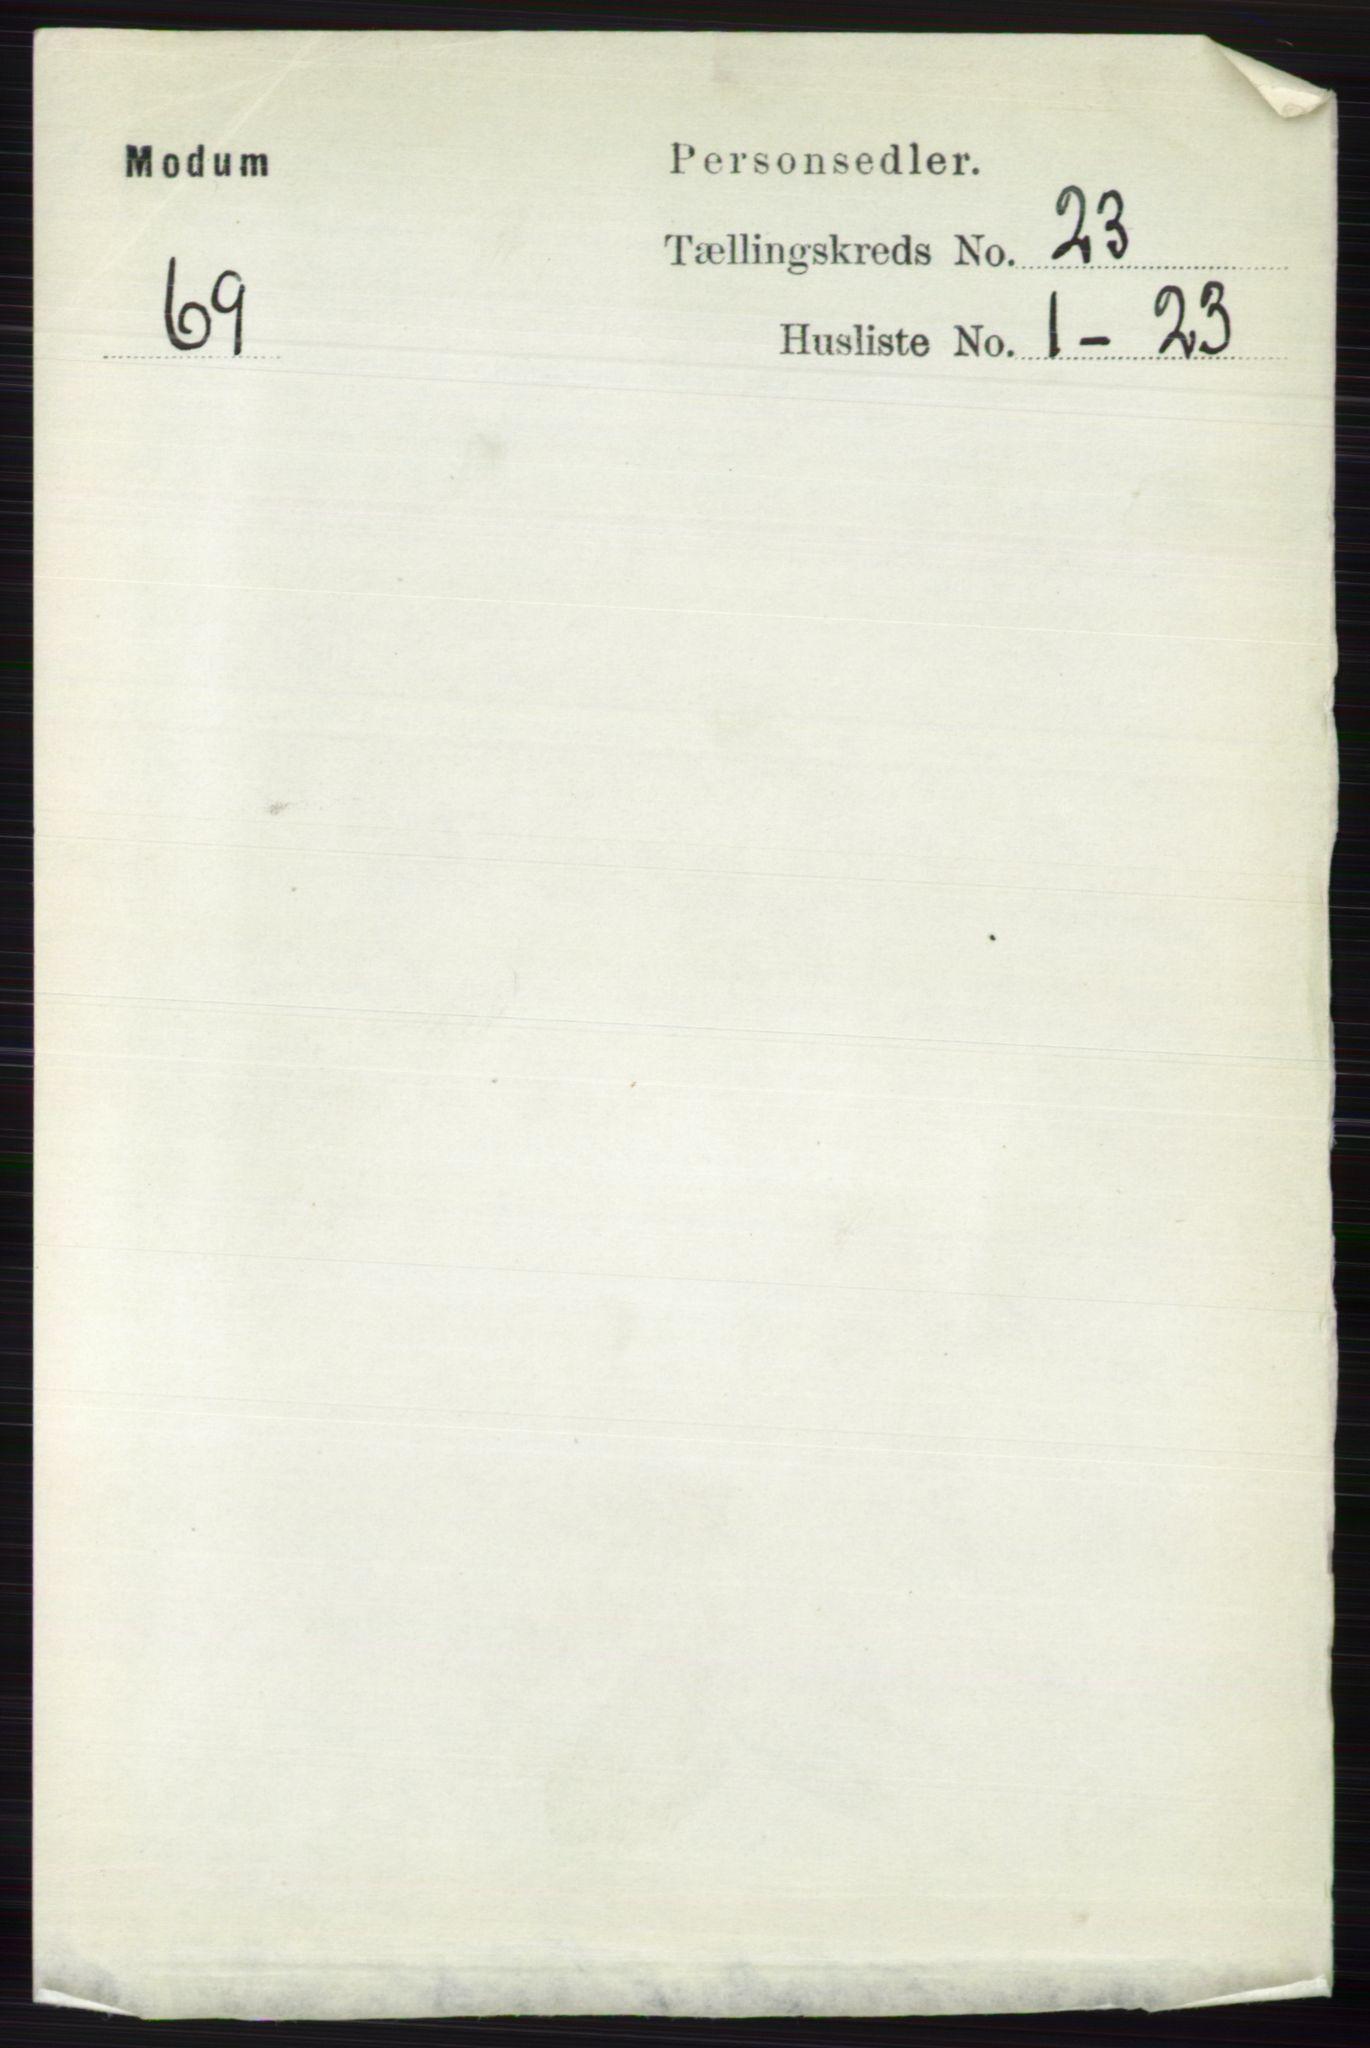 RA, Folketelling 1891 for 0623 Modum herred, 1891, s. 8692